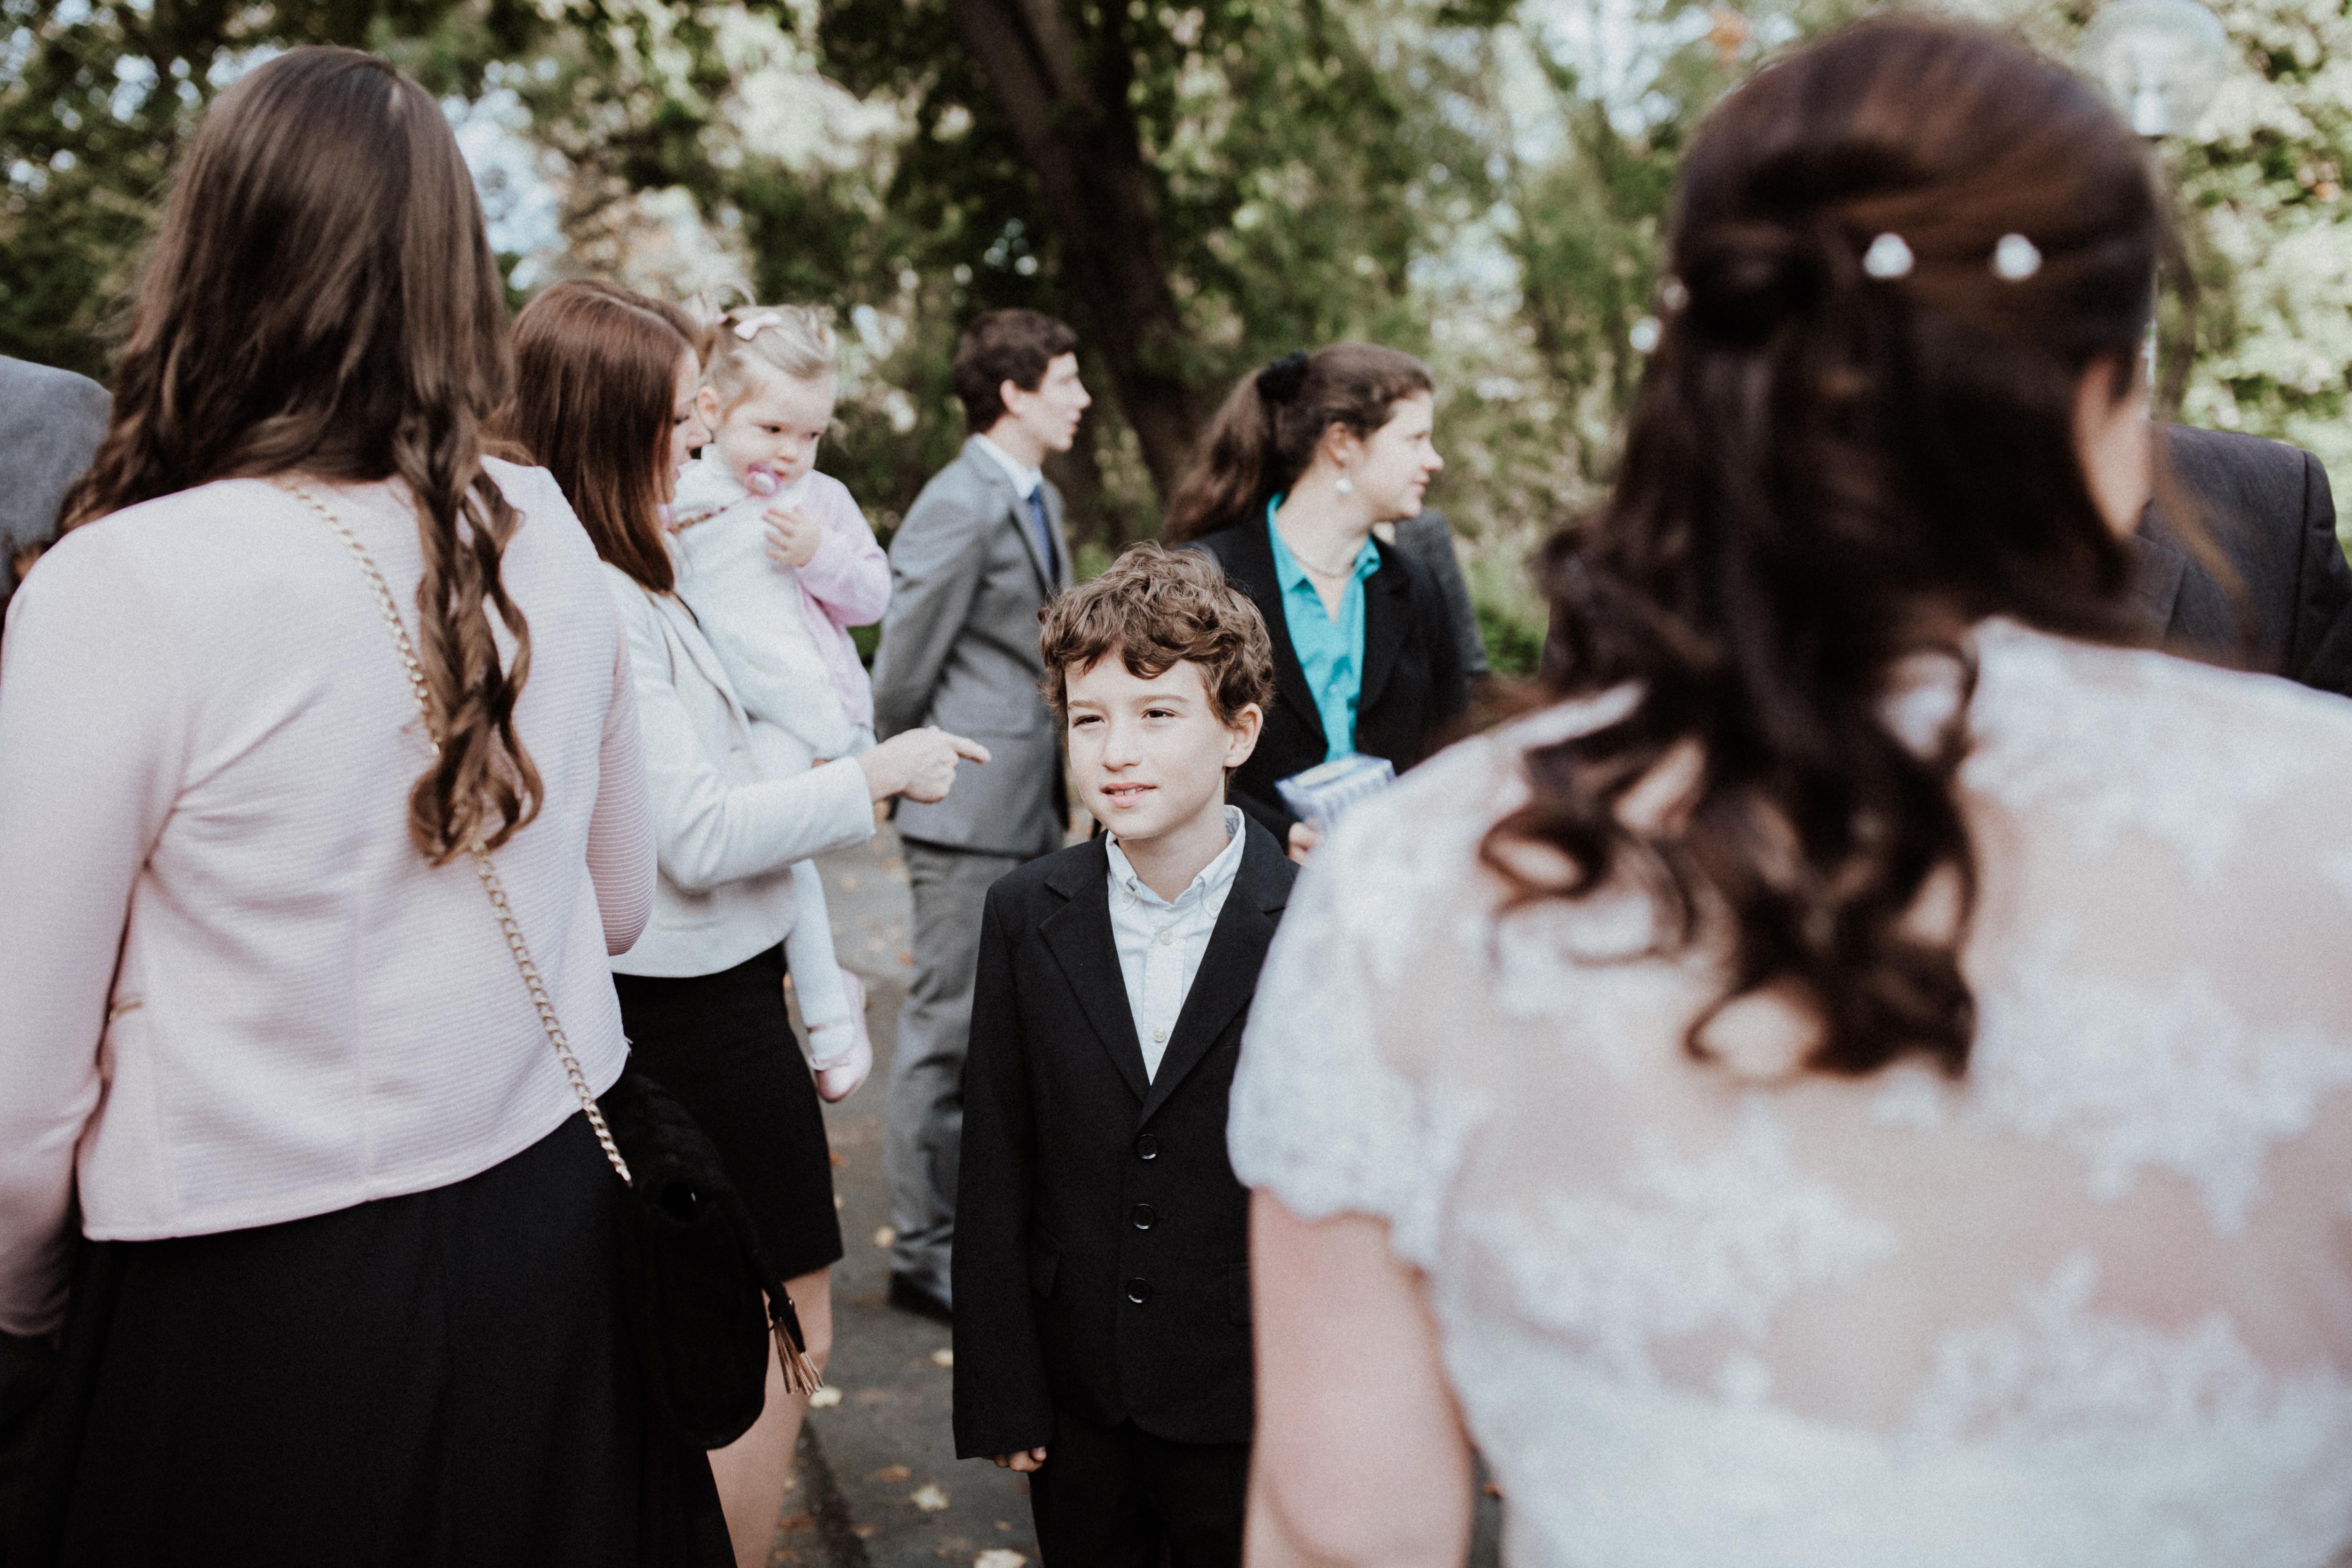 URBANERIE_Daniela_Goth_Hochzeitsfotografin_Nürnberg_Fürth_Erlangen_Schwabach_171007_0057